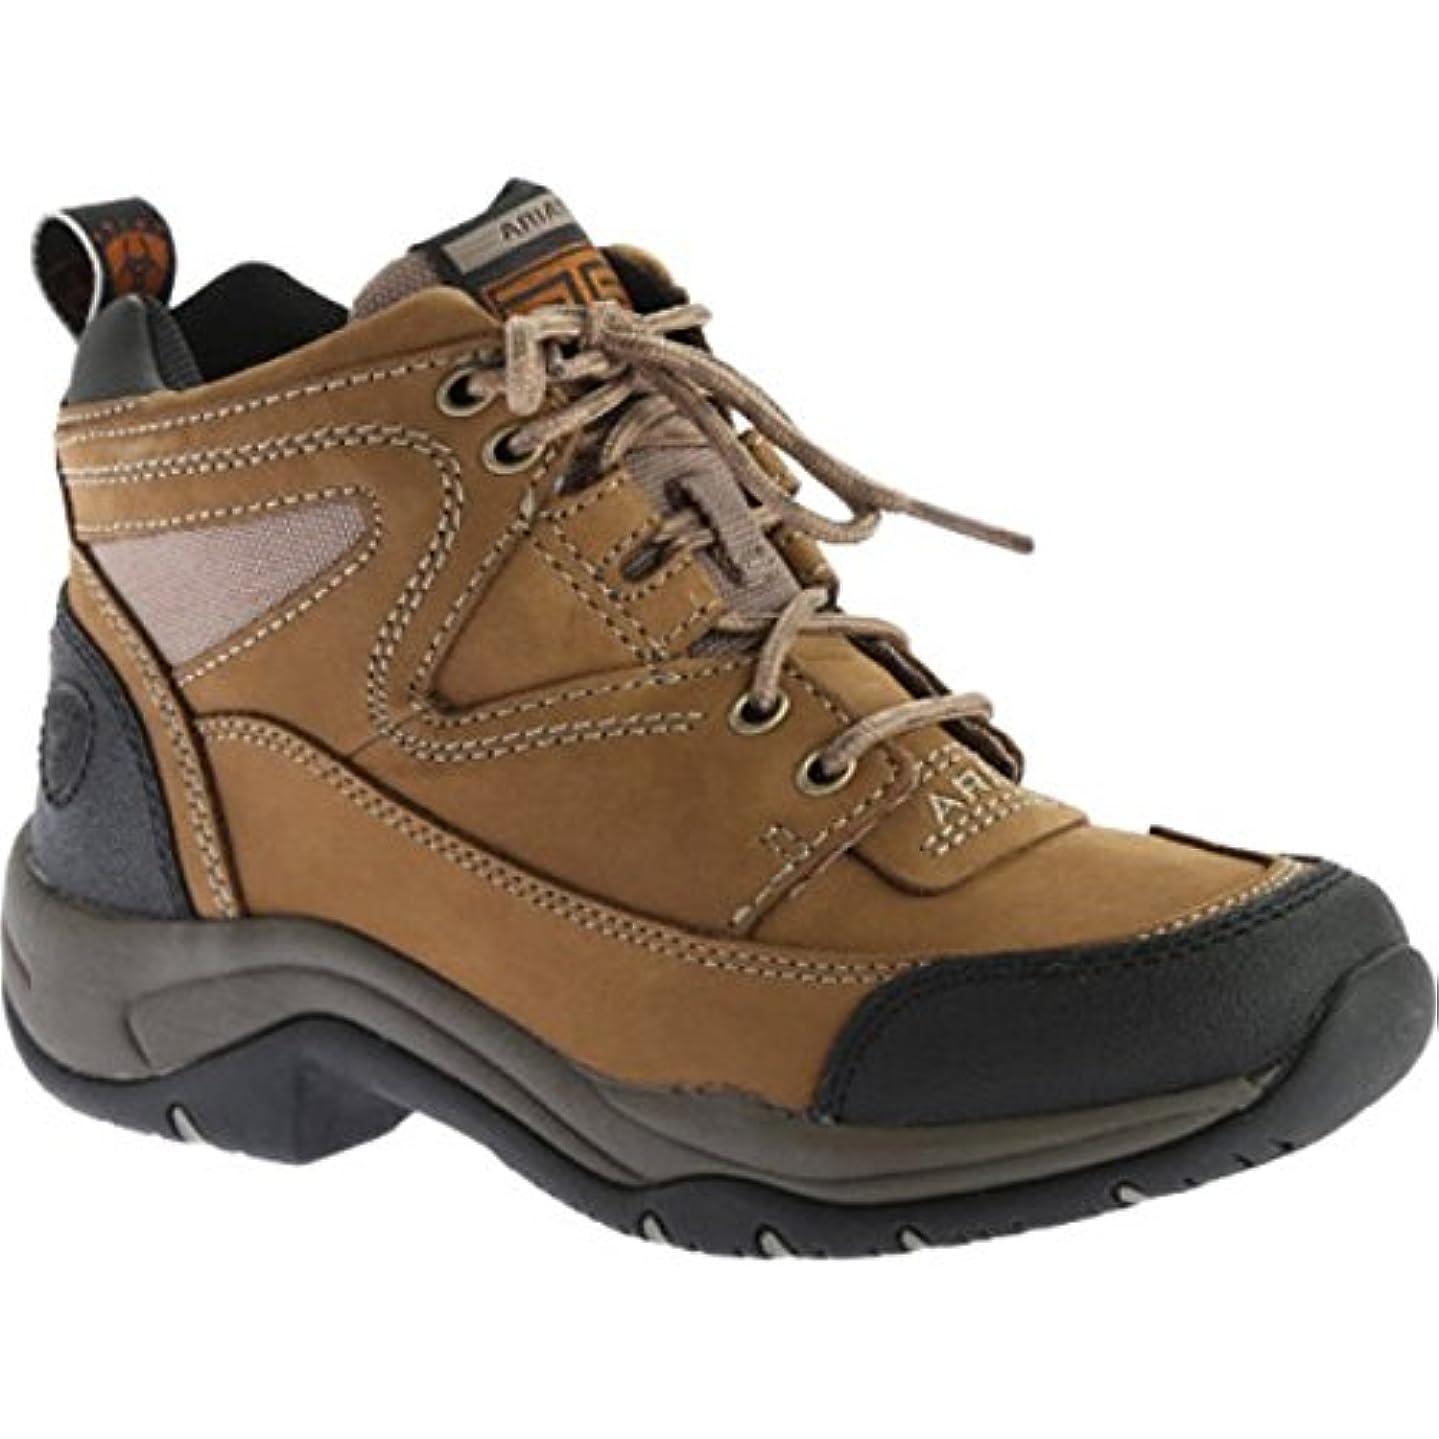 こだわりフィドル世紀(アリアト) Ariat レディース シューズ?靴 ブーツ Terrain Hiking Boot [並行輸入品]